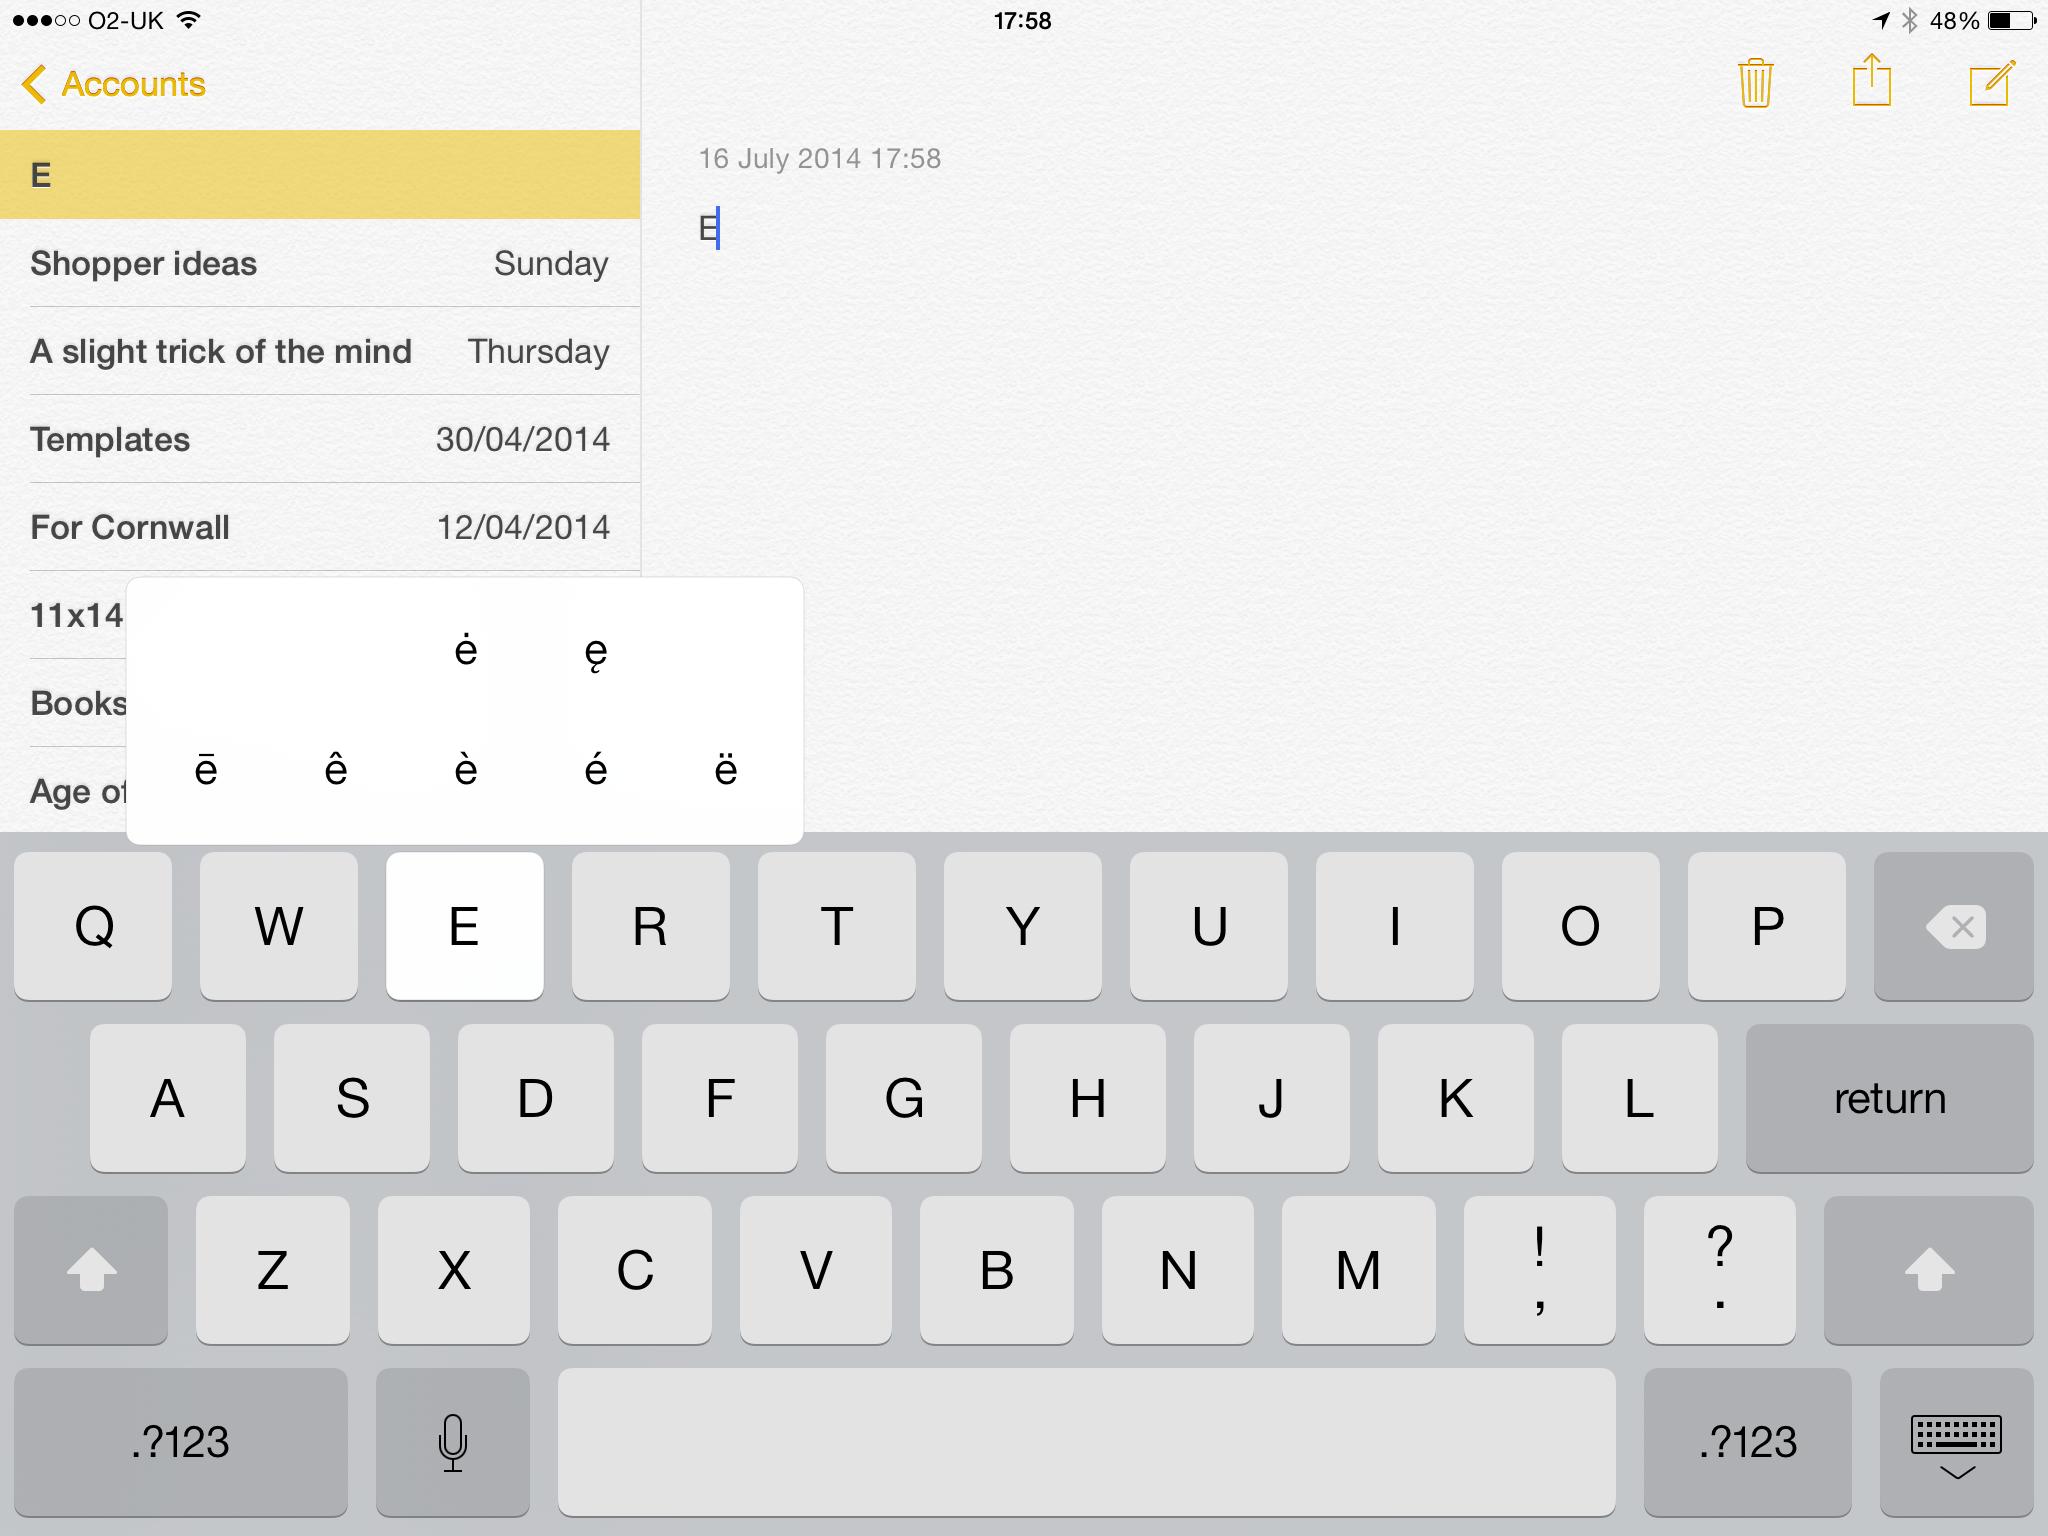 Iphone ipad tips tricks calculator music maps and keyboard ipad keyboard accents biocorpaavc